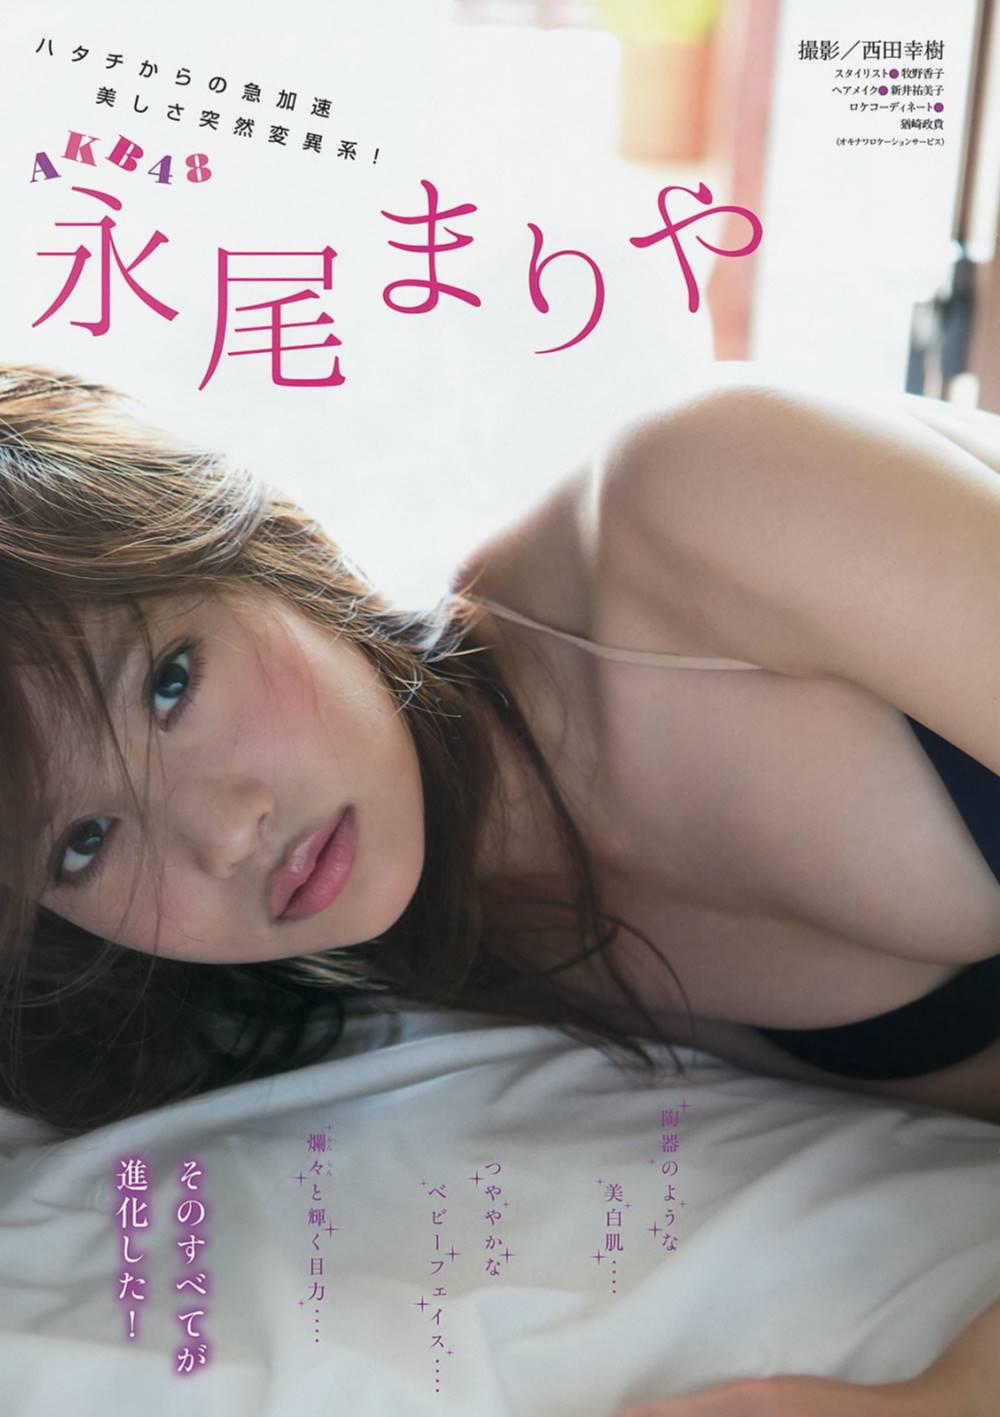 永尾まりや(AKB48)画像 59